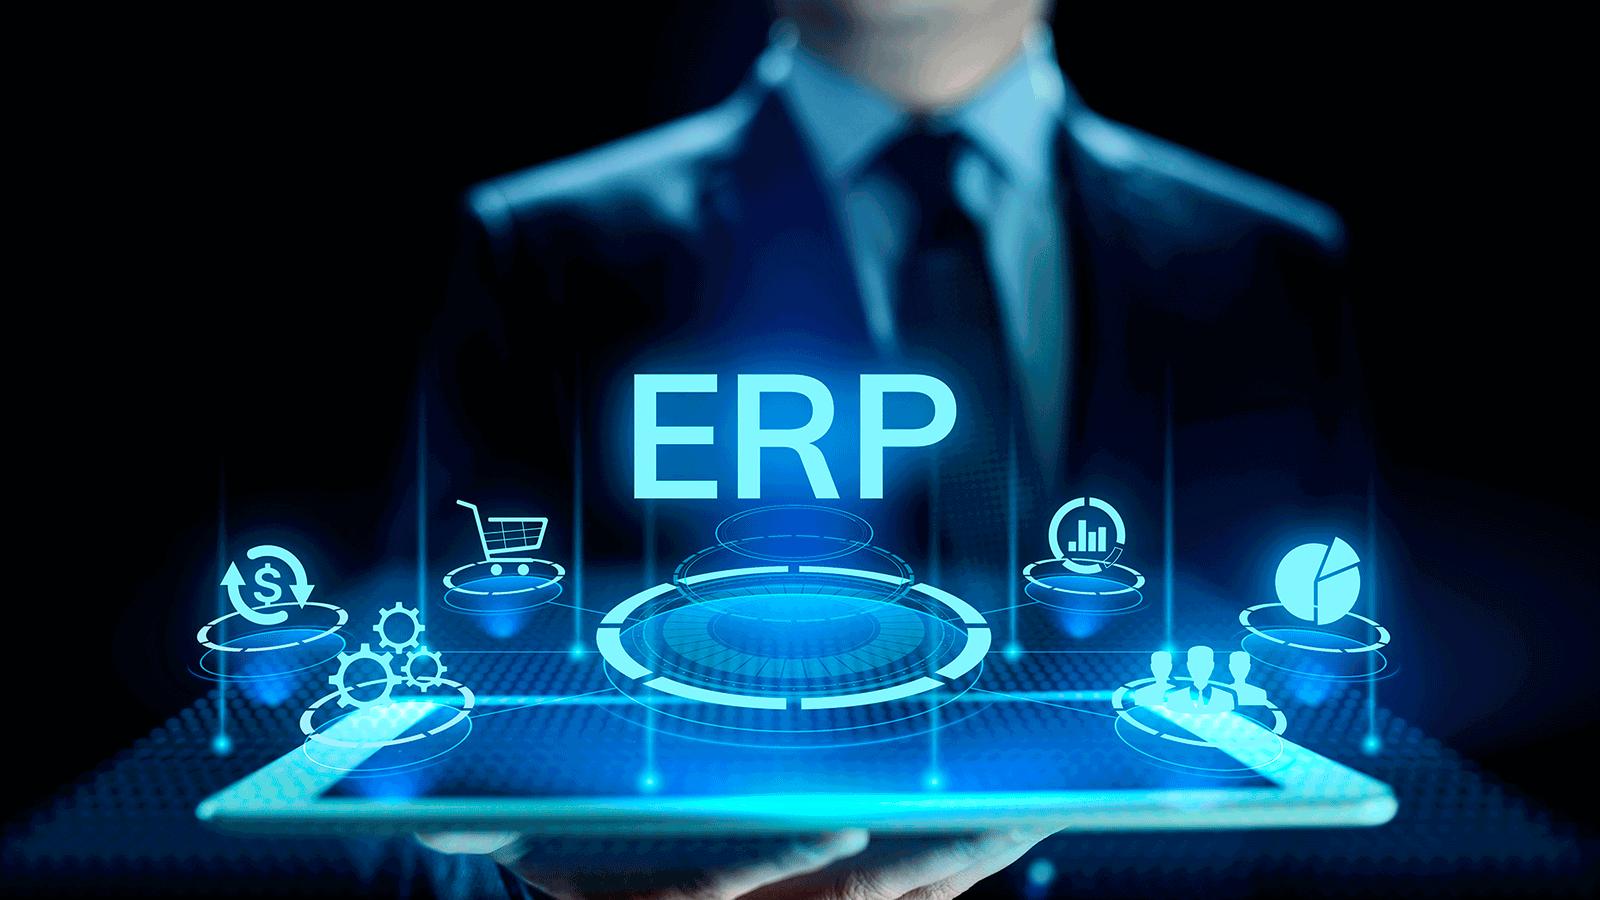 ERP o sistema a la medida, ¿qué necesita realmente?